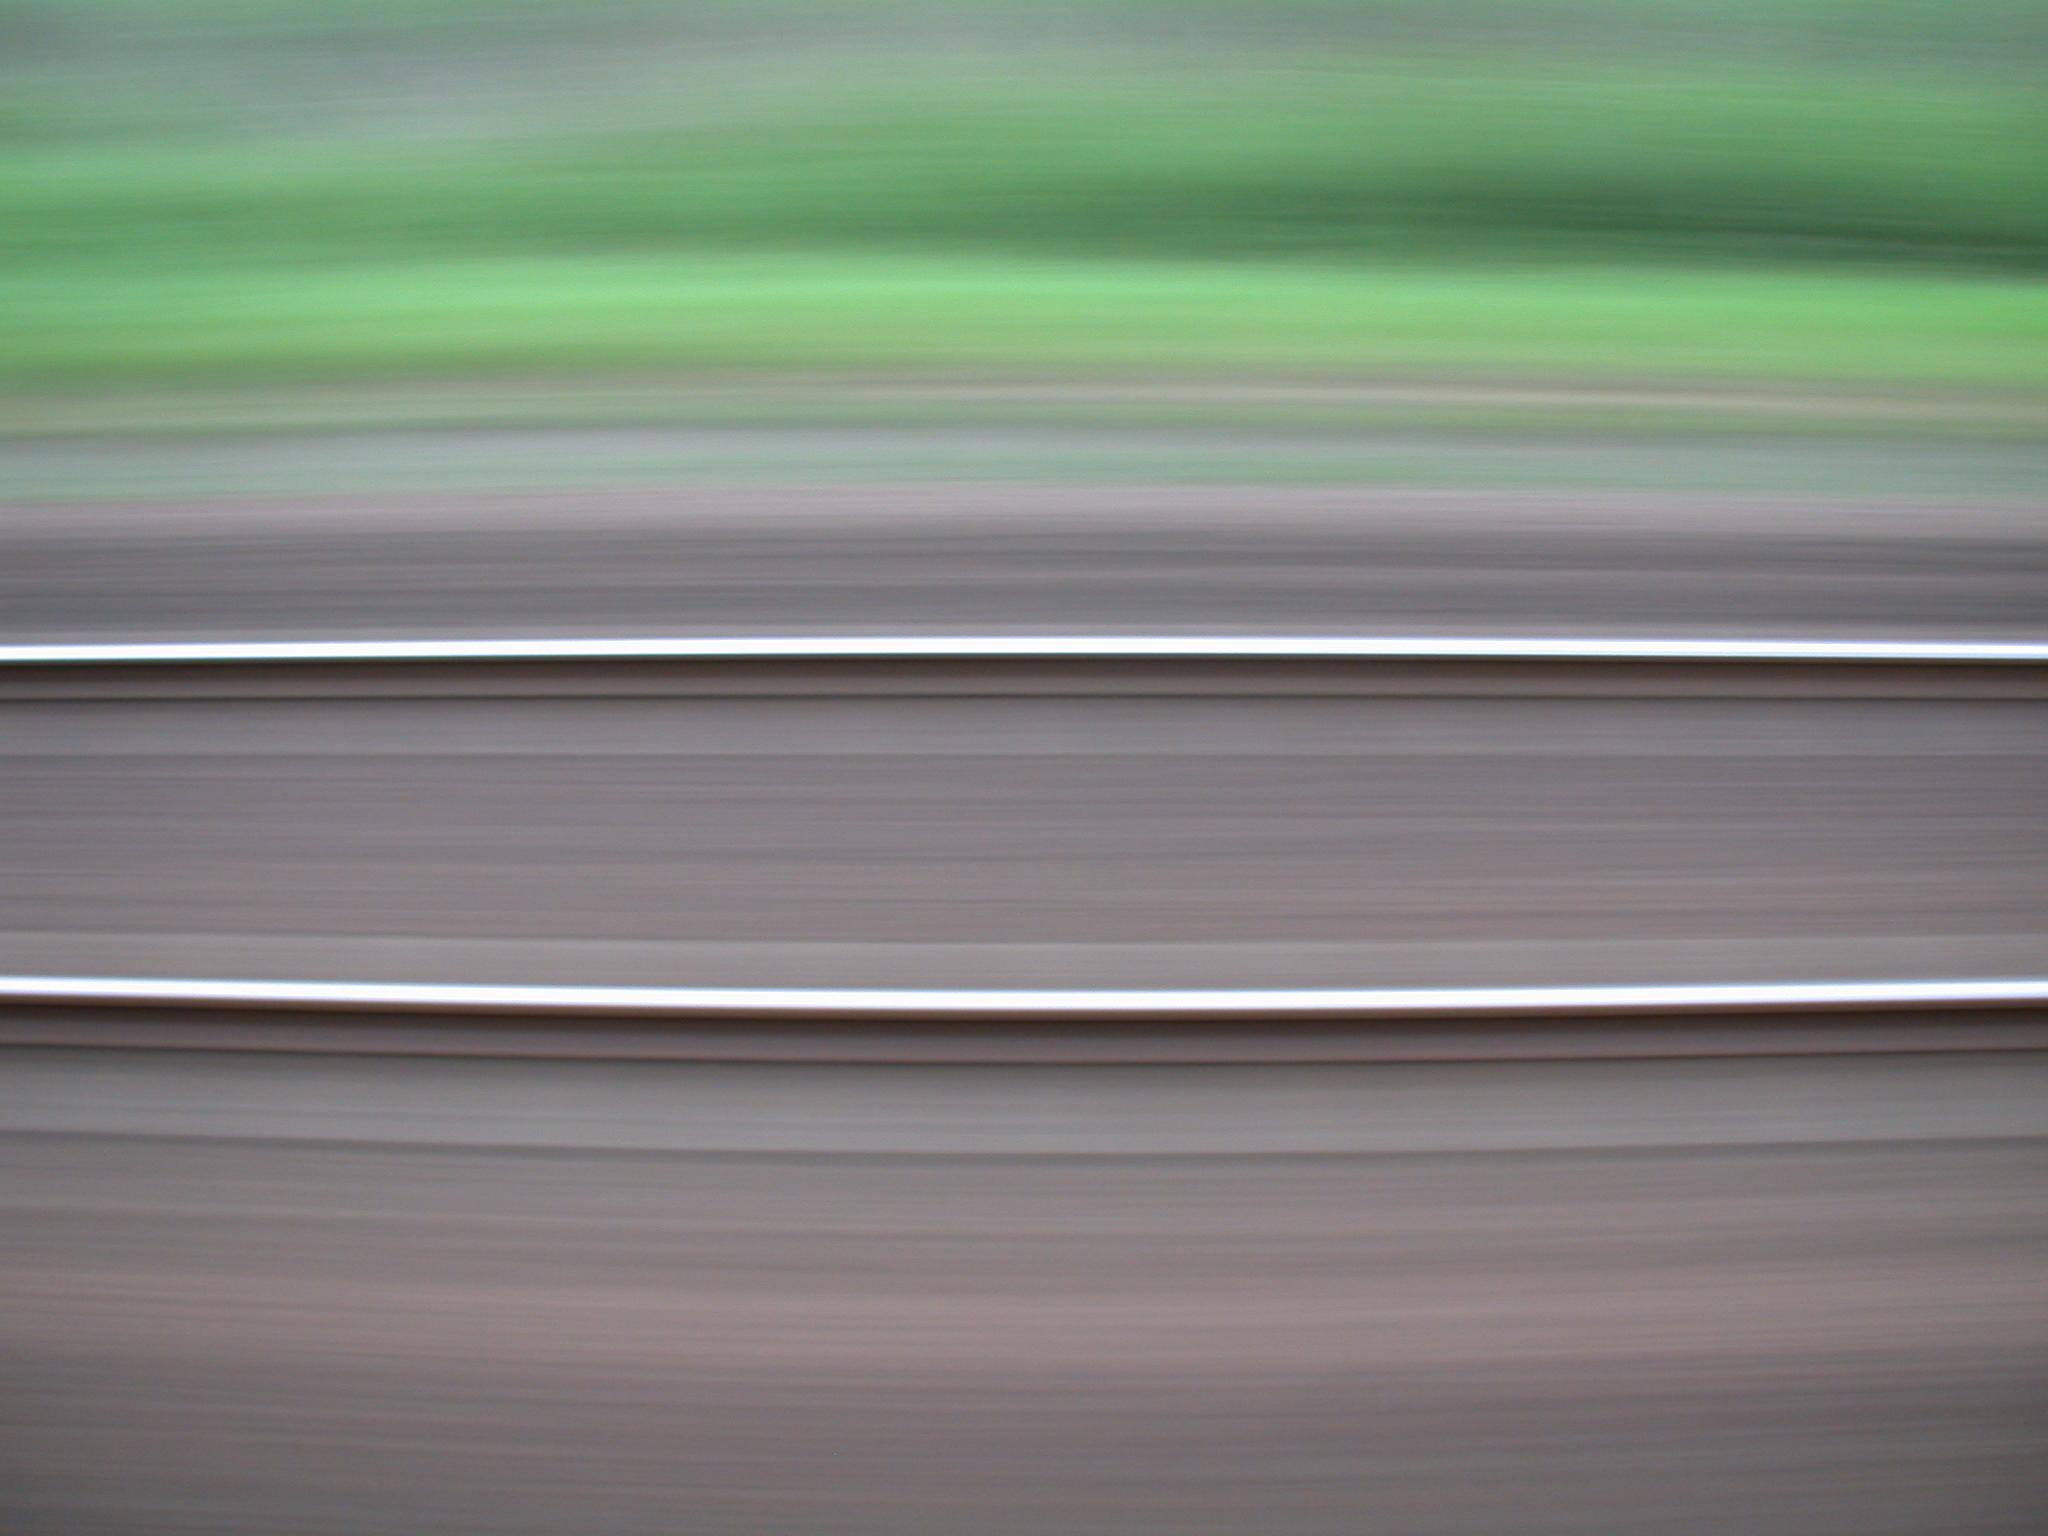 rail track traffic railroad speed blur blurs horizontal lines